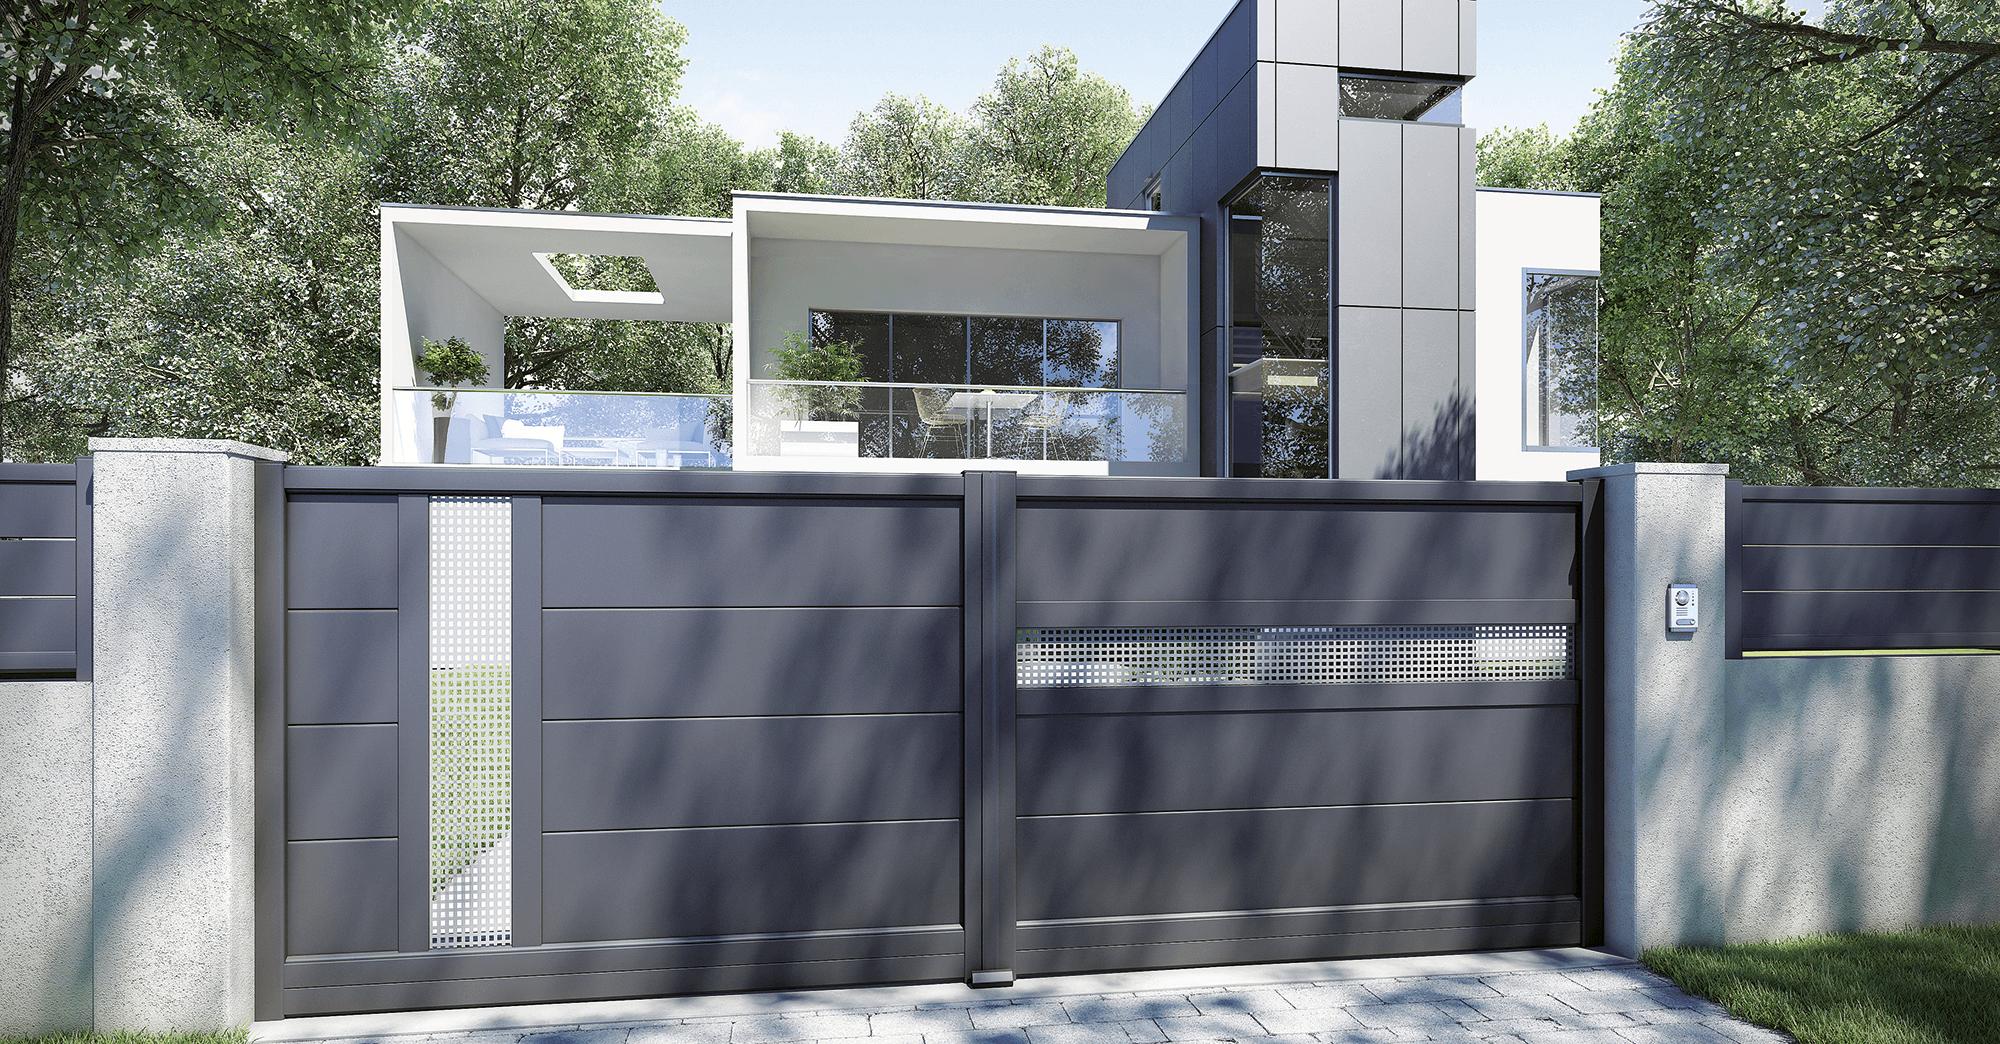 Portail CHARUEL en aluminium battant fabriqué en France et personnalisable